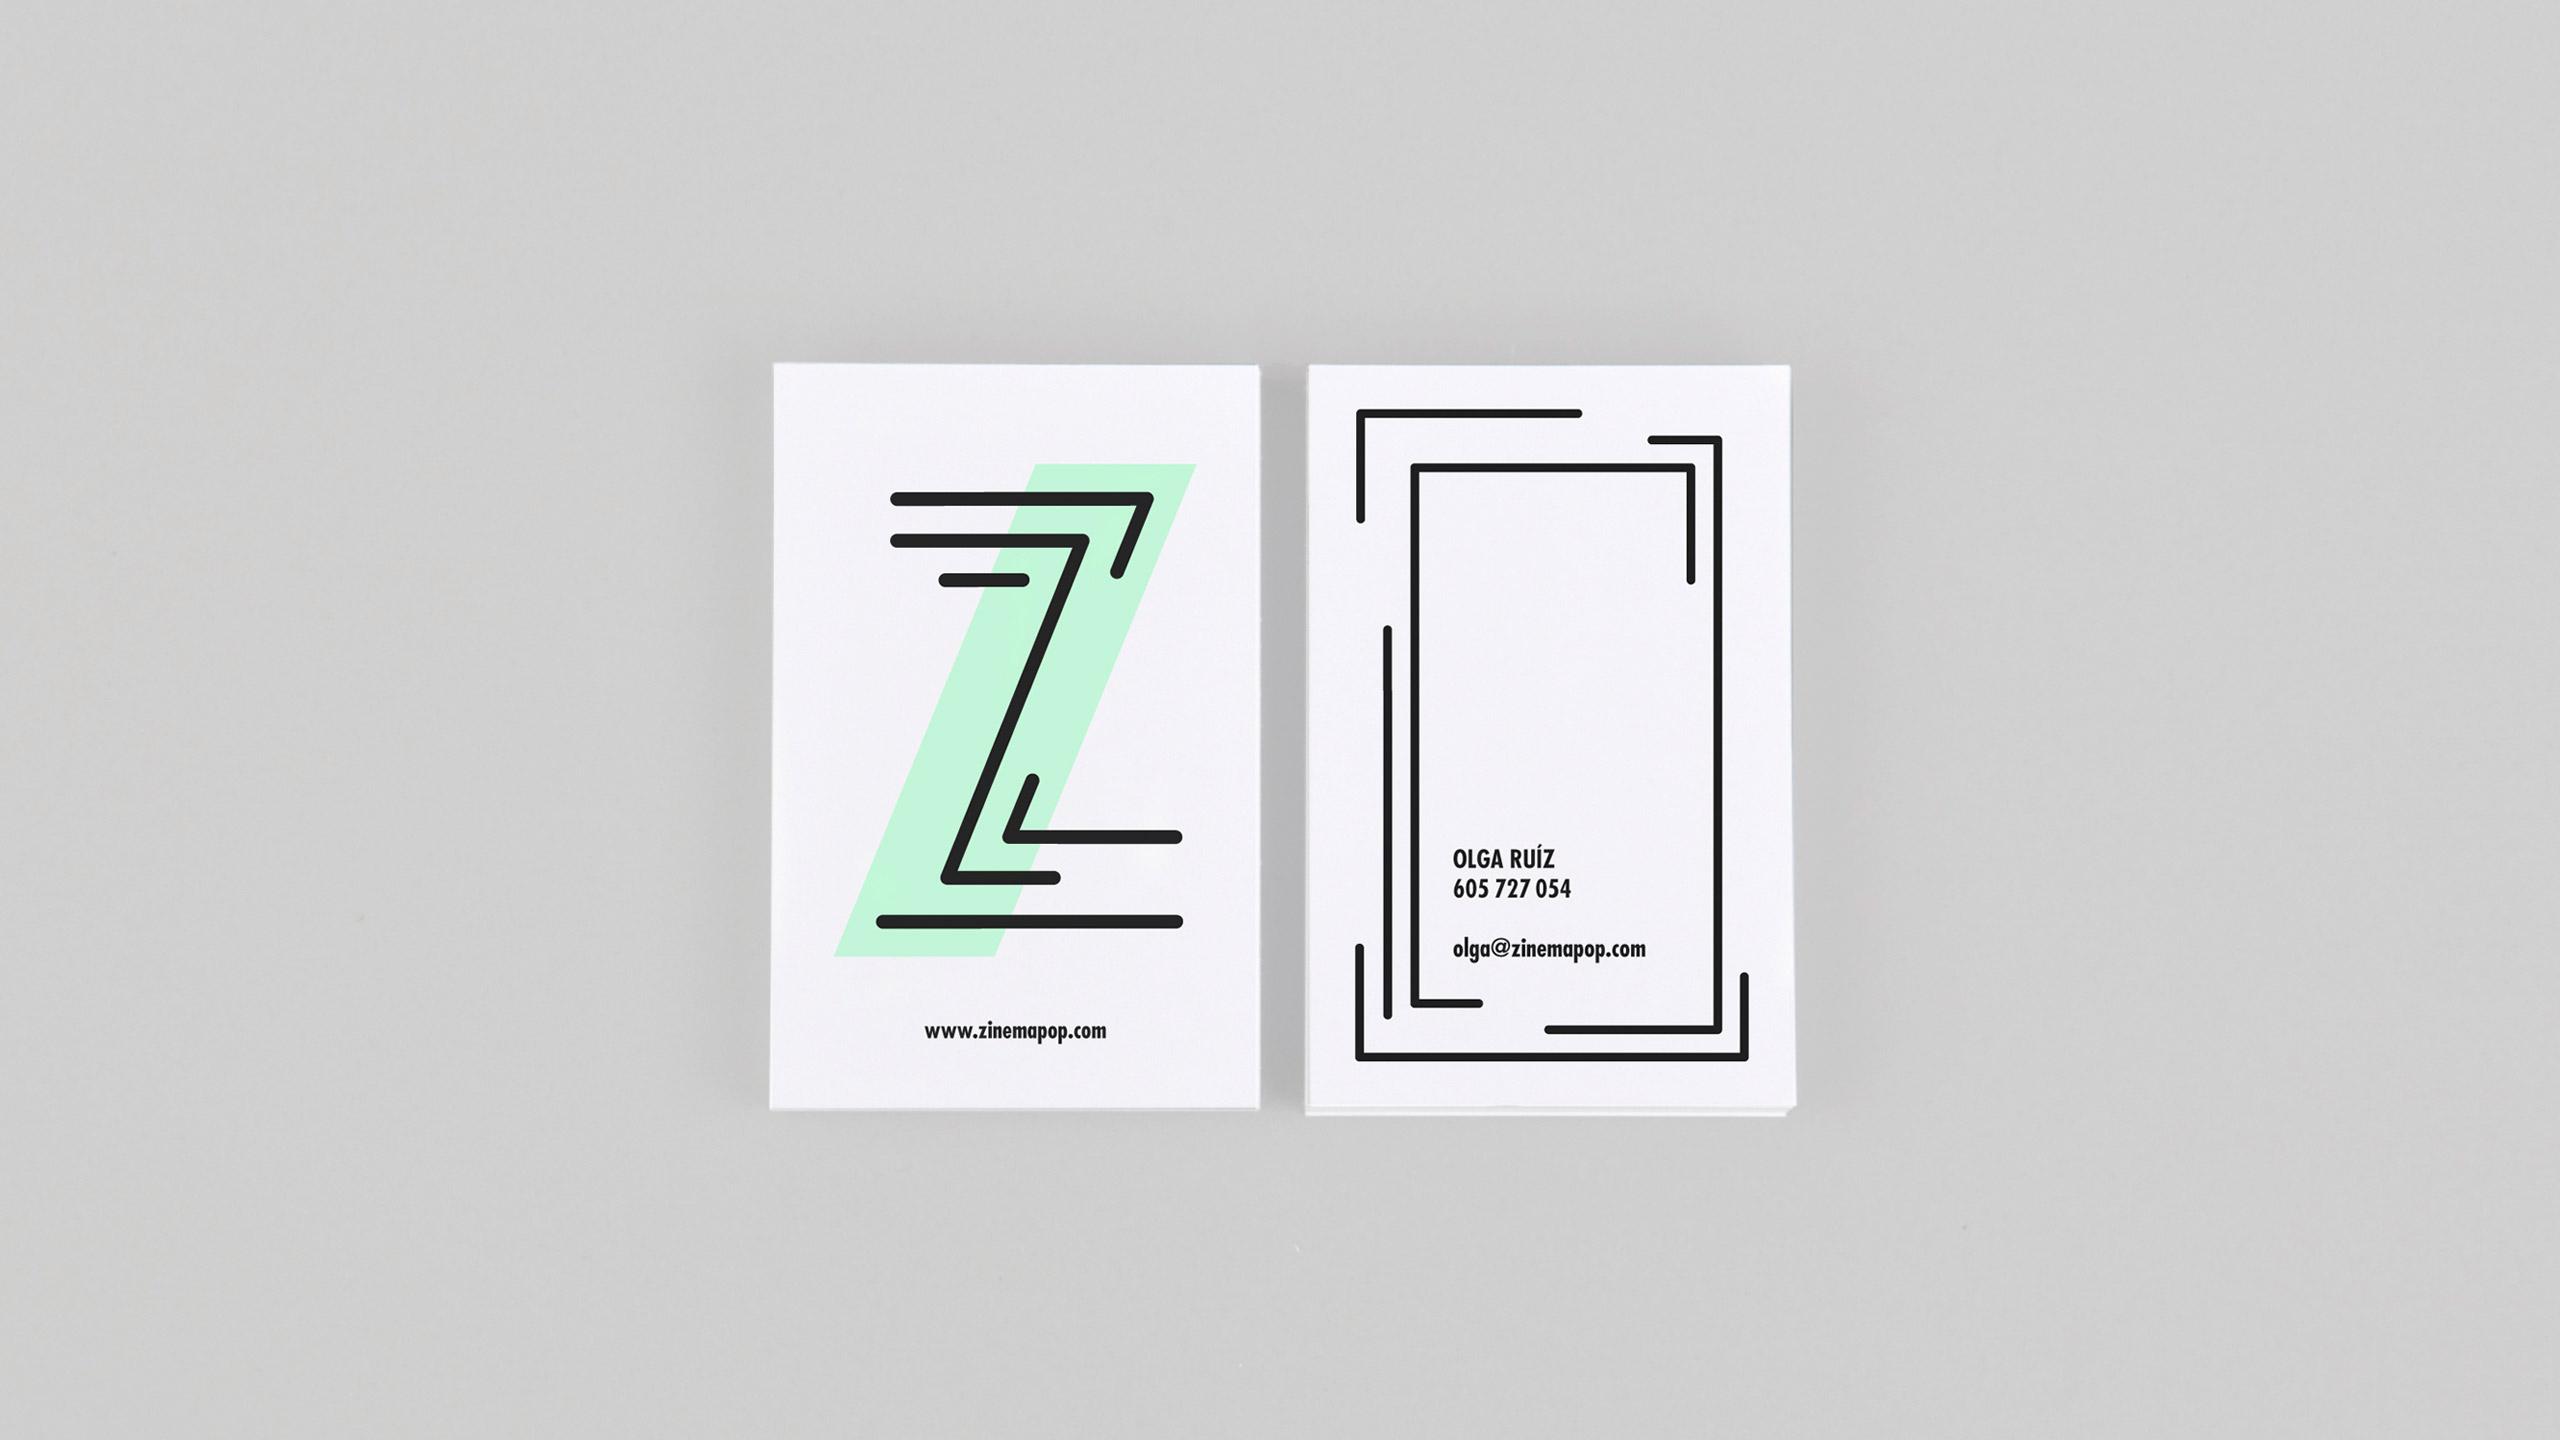 zinemapop-tarjetas